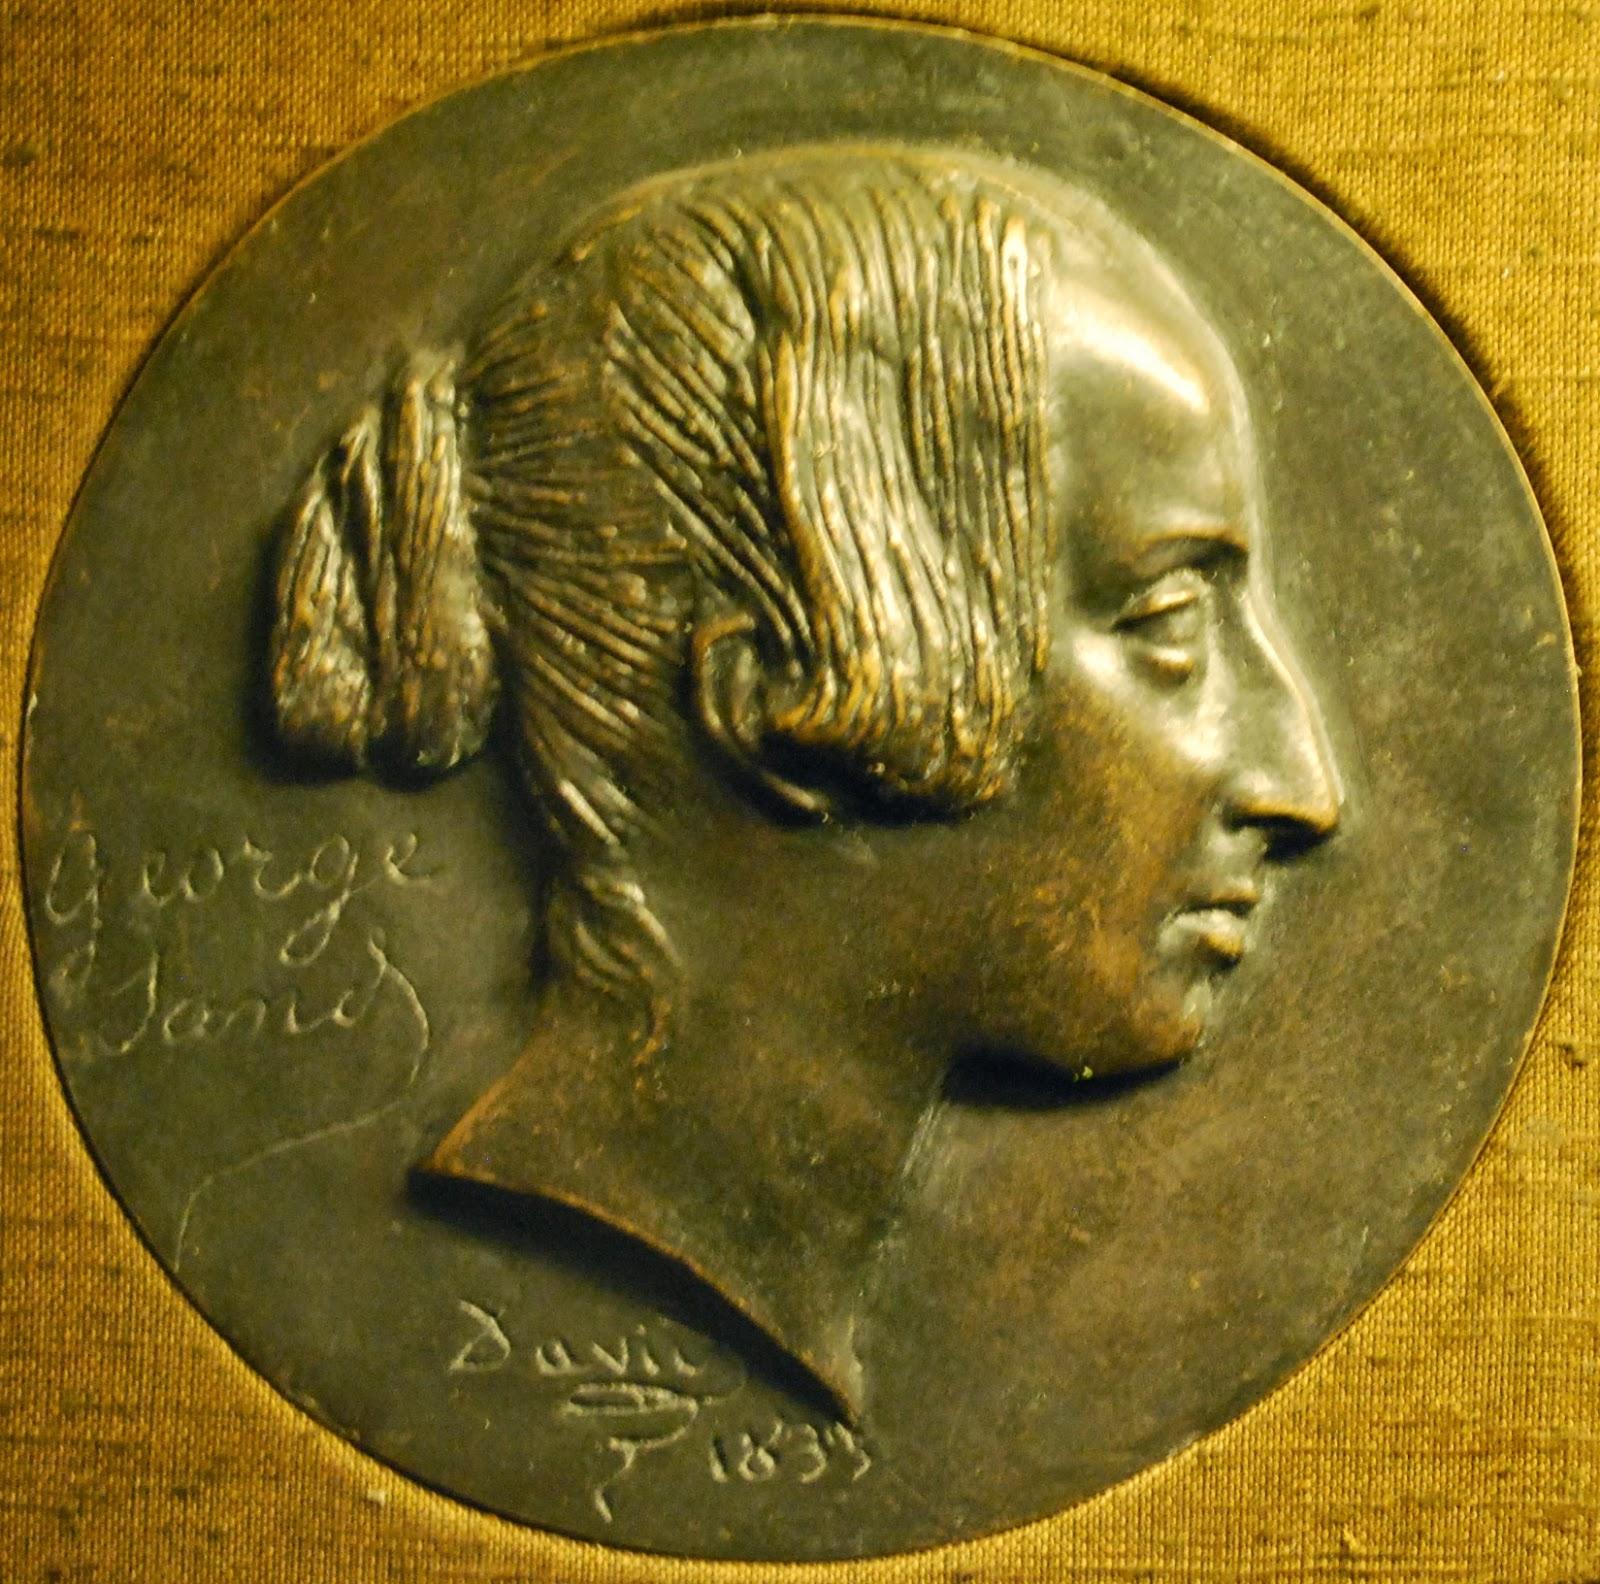 George Sand par David d'Angers